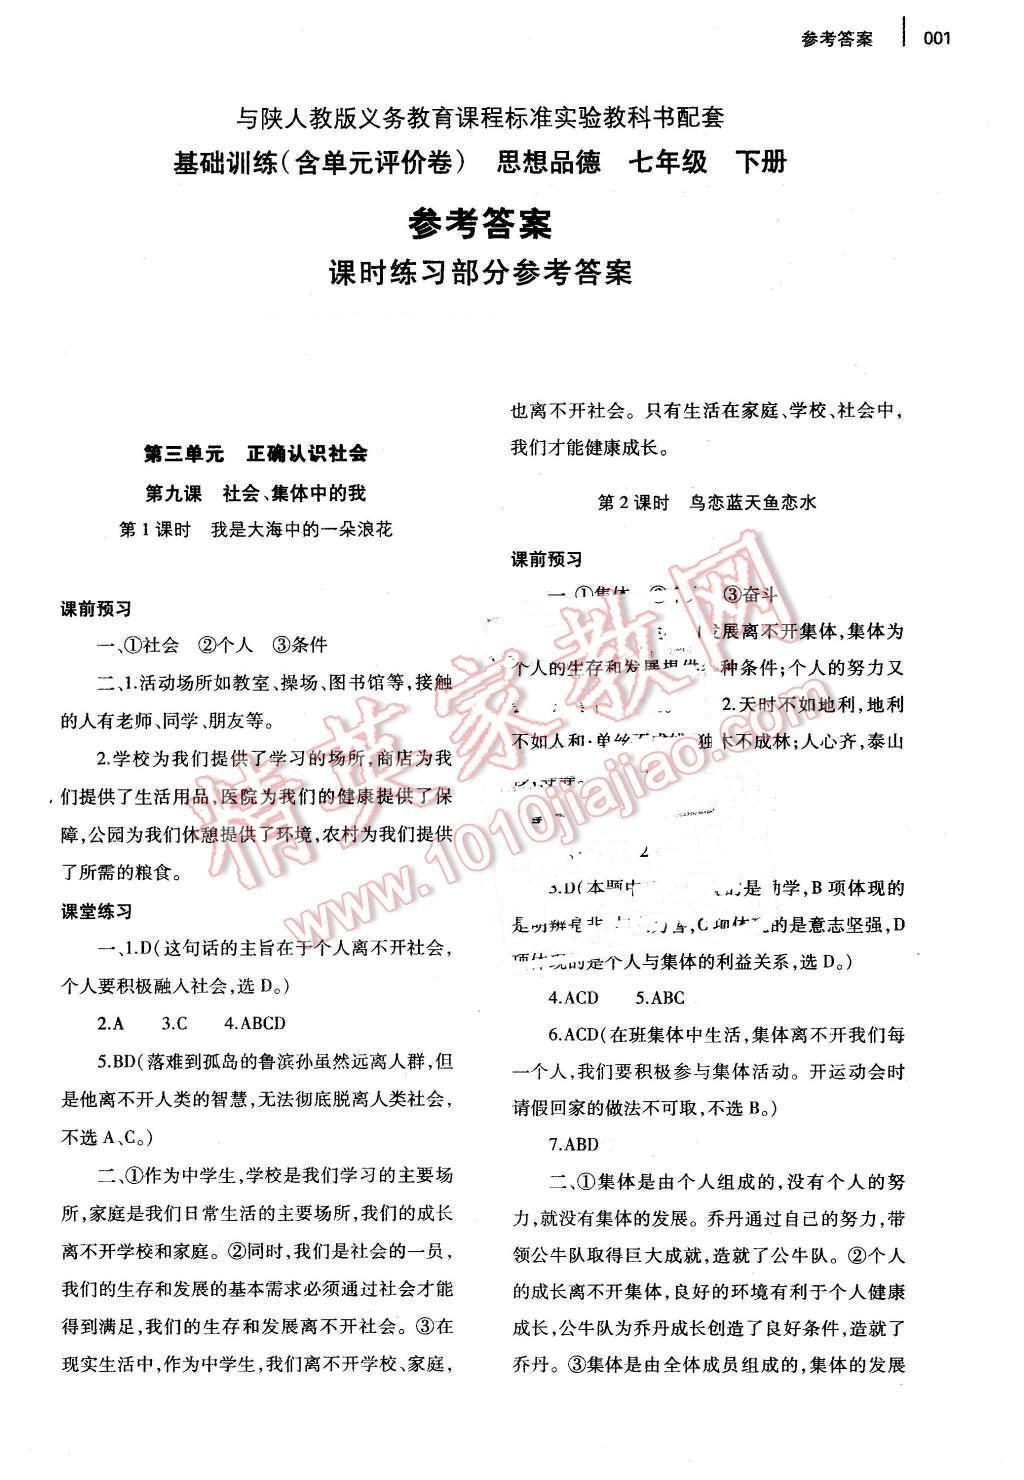 2016年基础训练七年级思想品德下册陕人版河南省内使用第1页